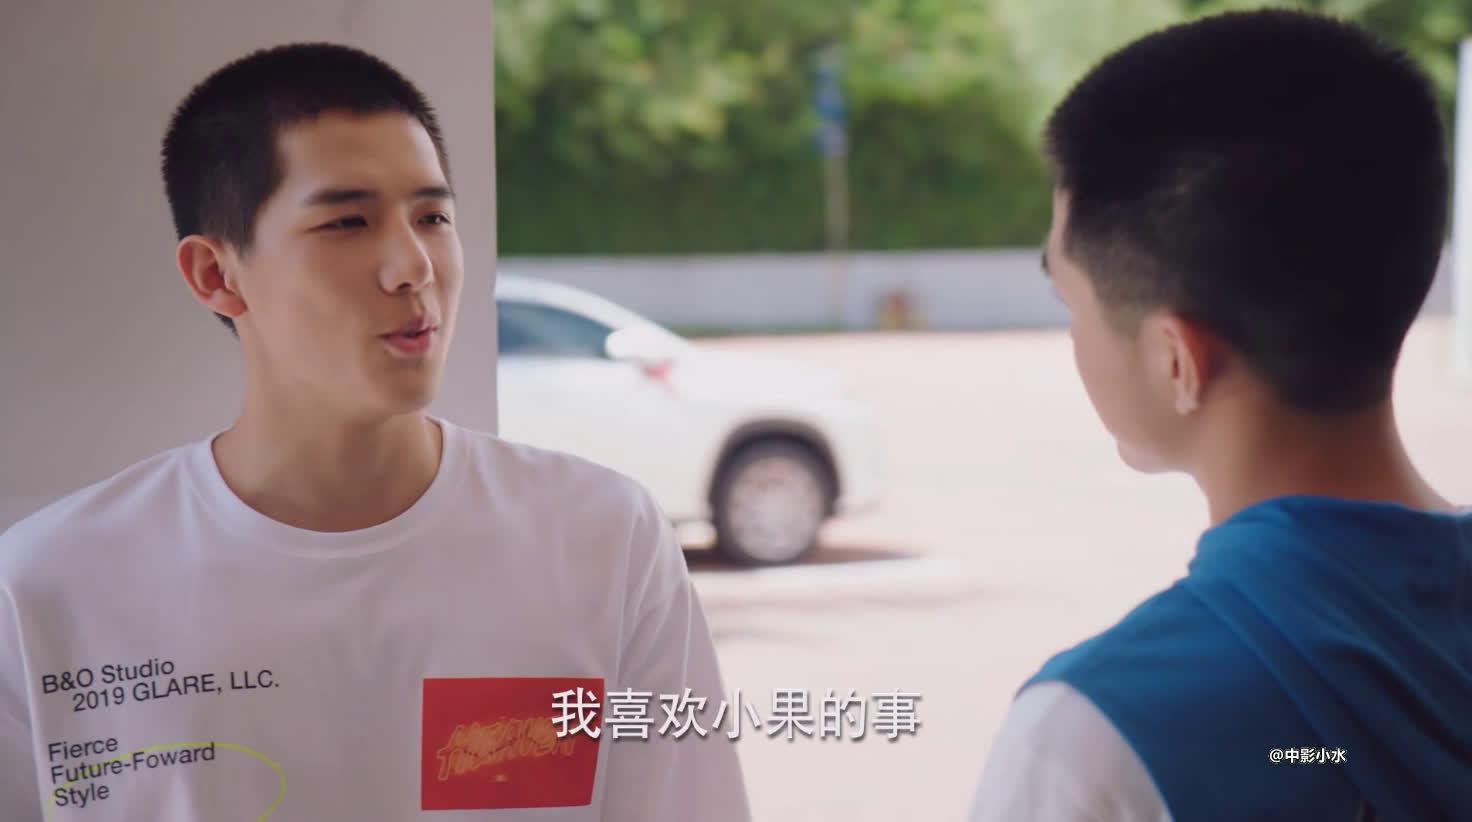 第27-28集第二波预告: 段振宇太好笑了~拉着姜小果去打篮球……